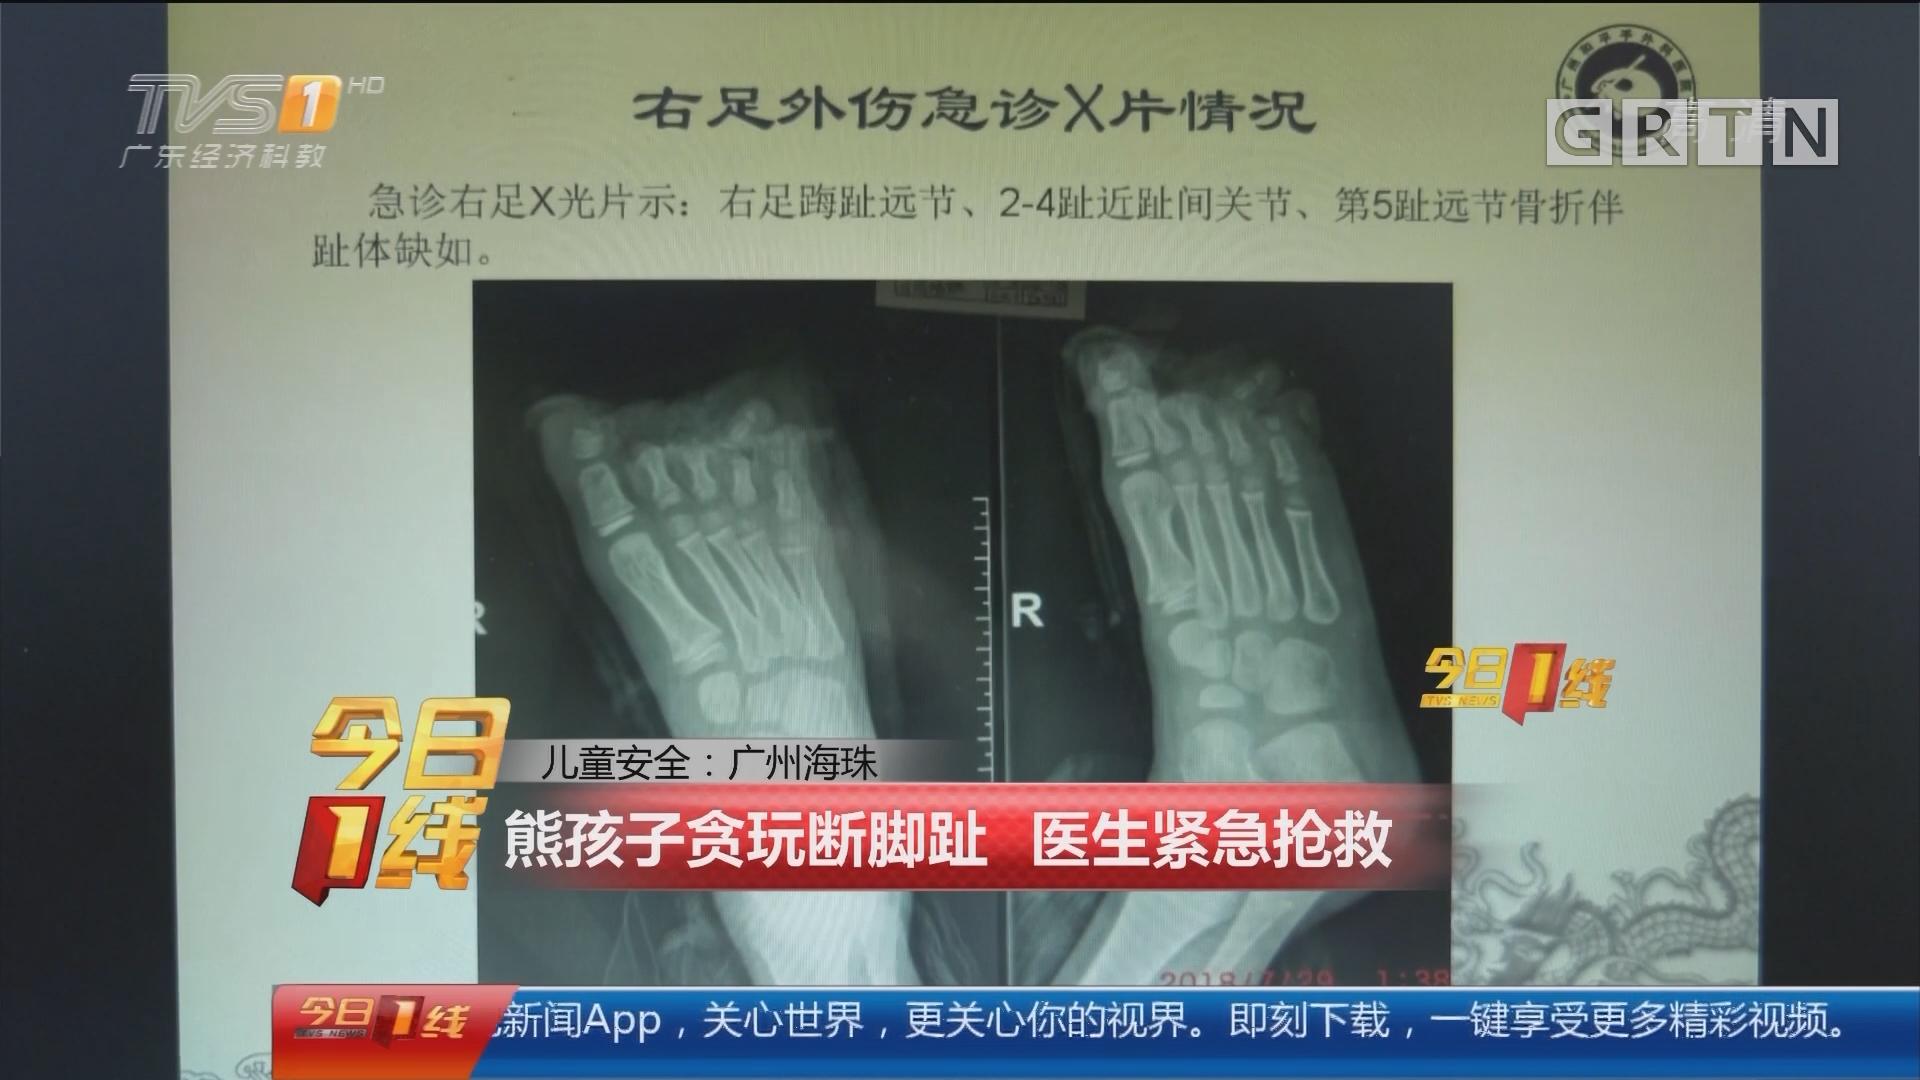 儿童安全:广州海珠 熊孩子贪玩断脚趾 医生紧急抢救